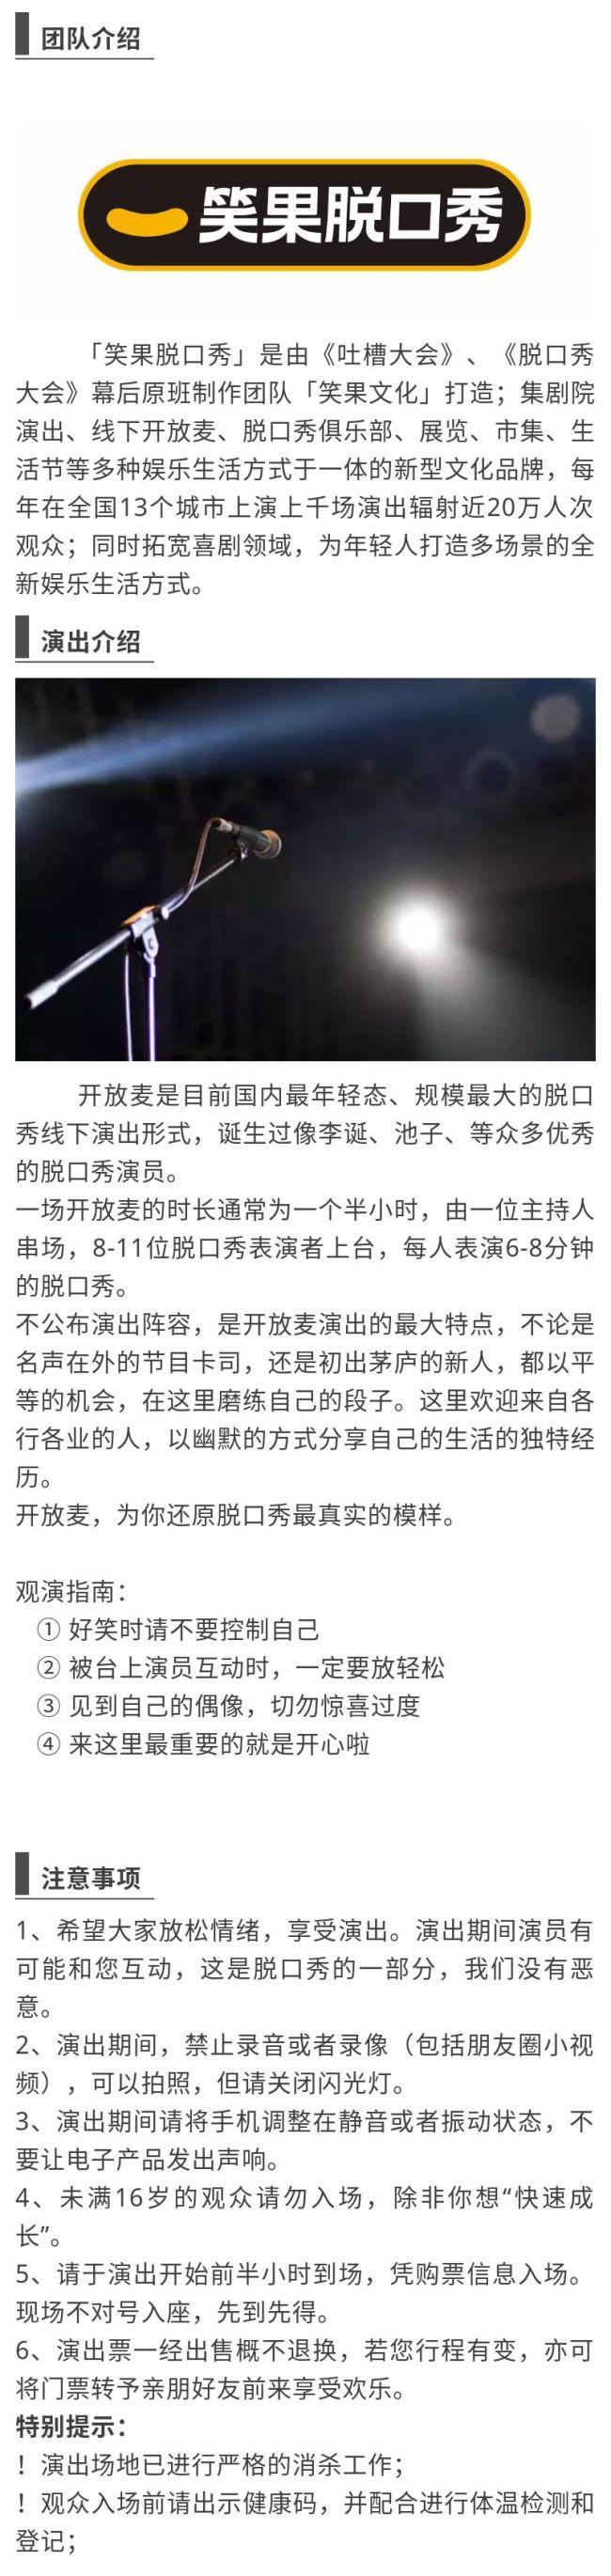 深圳丨笑果脱口秀周二开放麦@红糖罐演出时间、地点及票价